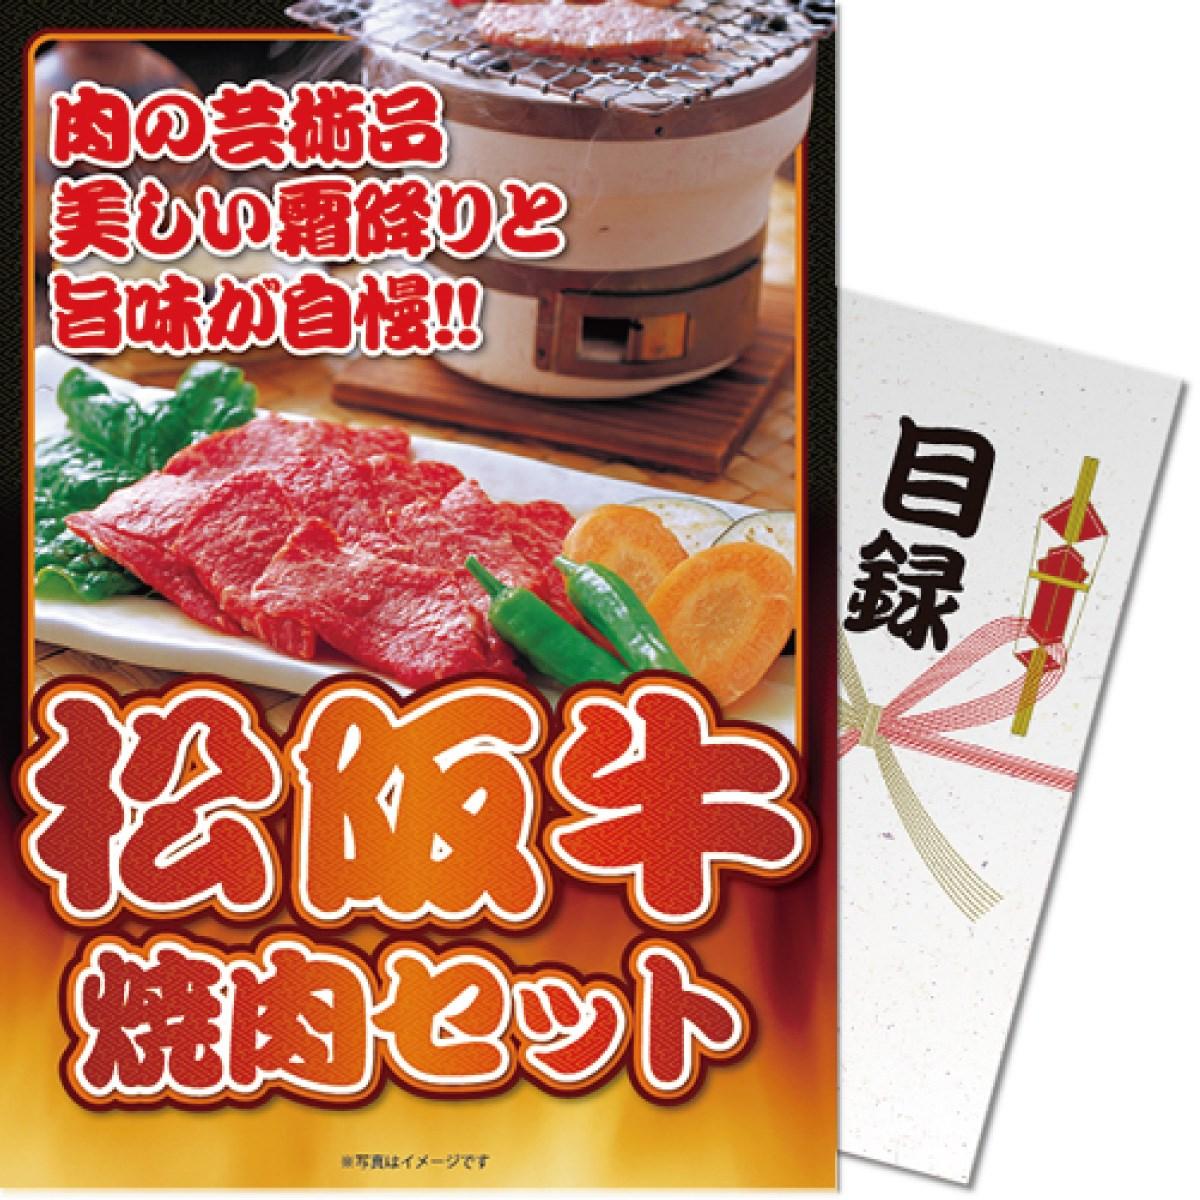 その他メーカー パネもく!松阪牛焼肉セット300g 目録 A4パネル付き